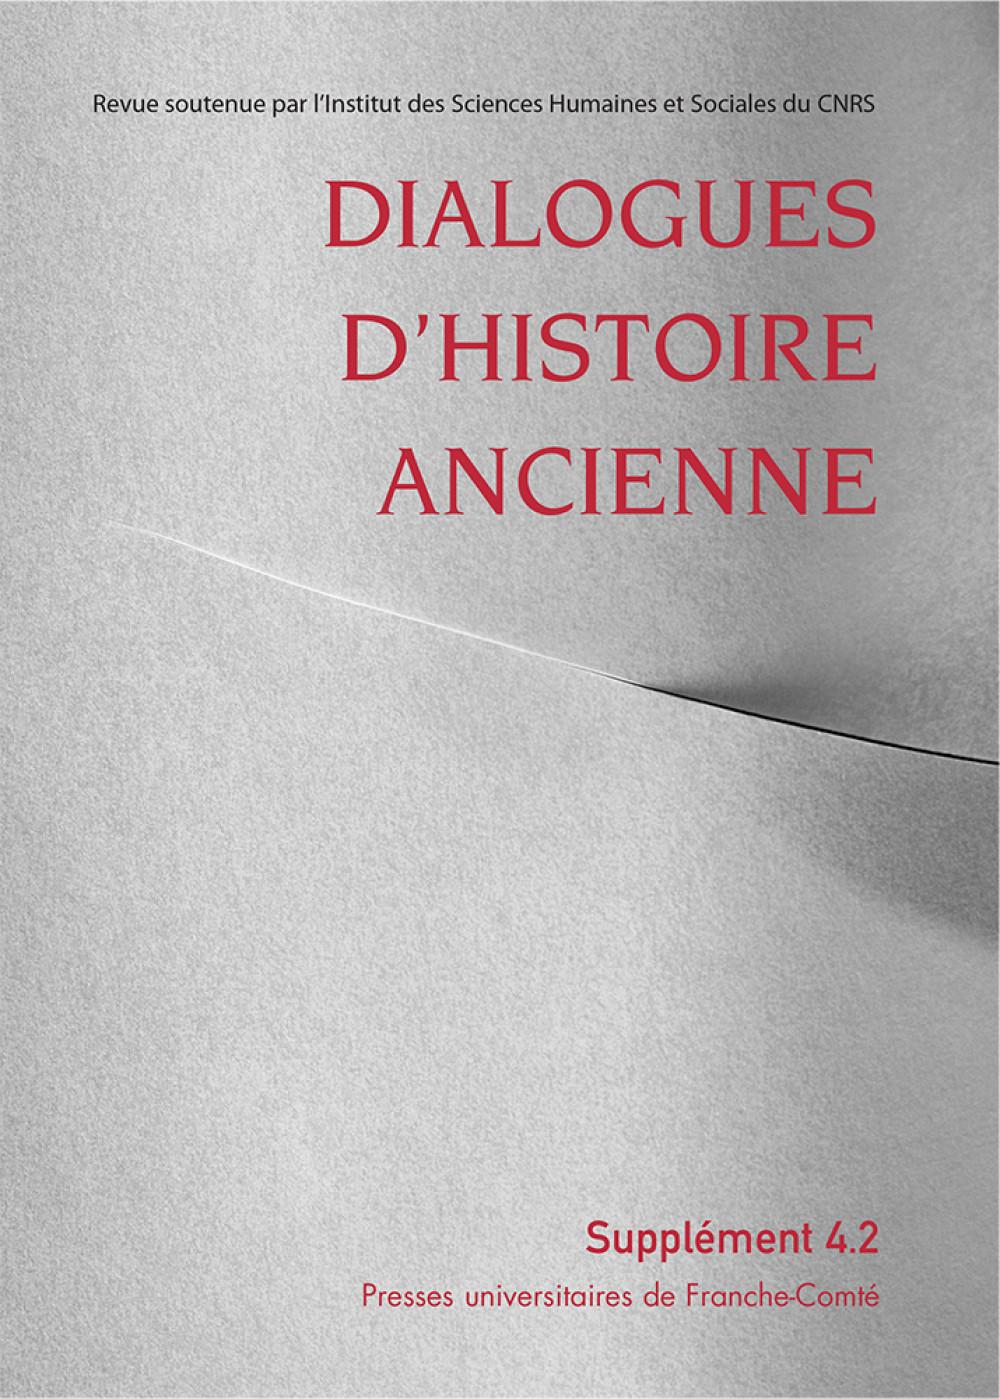 Dialogues d'Histoire Ancienne supplément 4